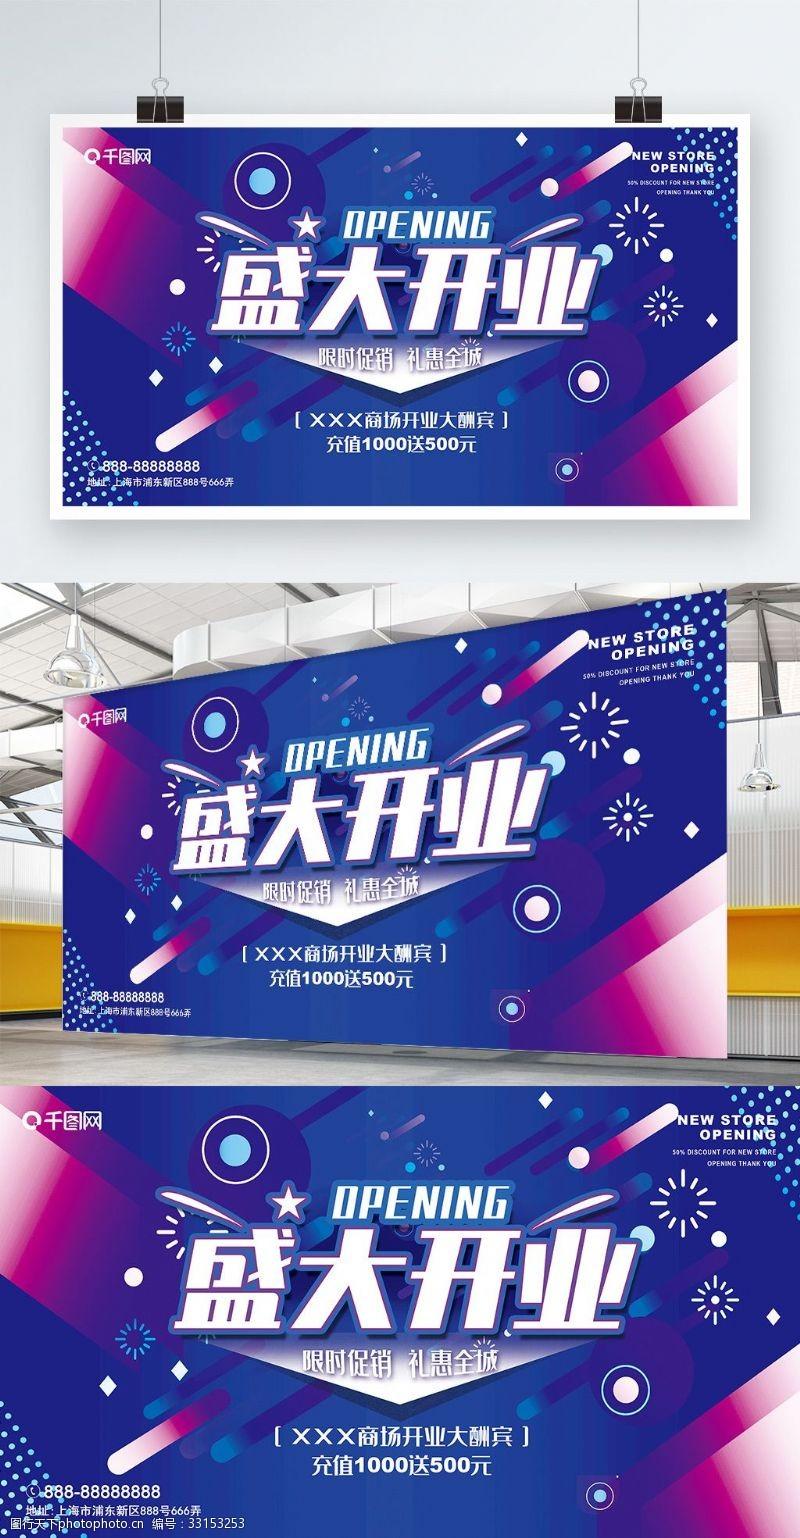 开张海报蓝色盛大开业海报新店开业展板广告